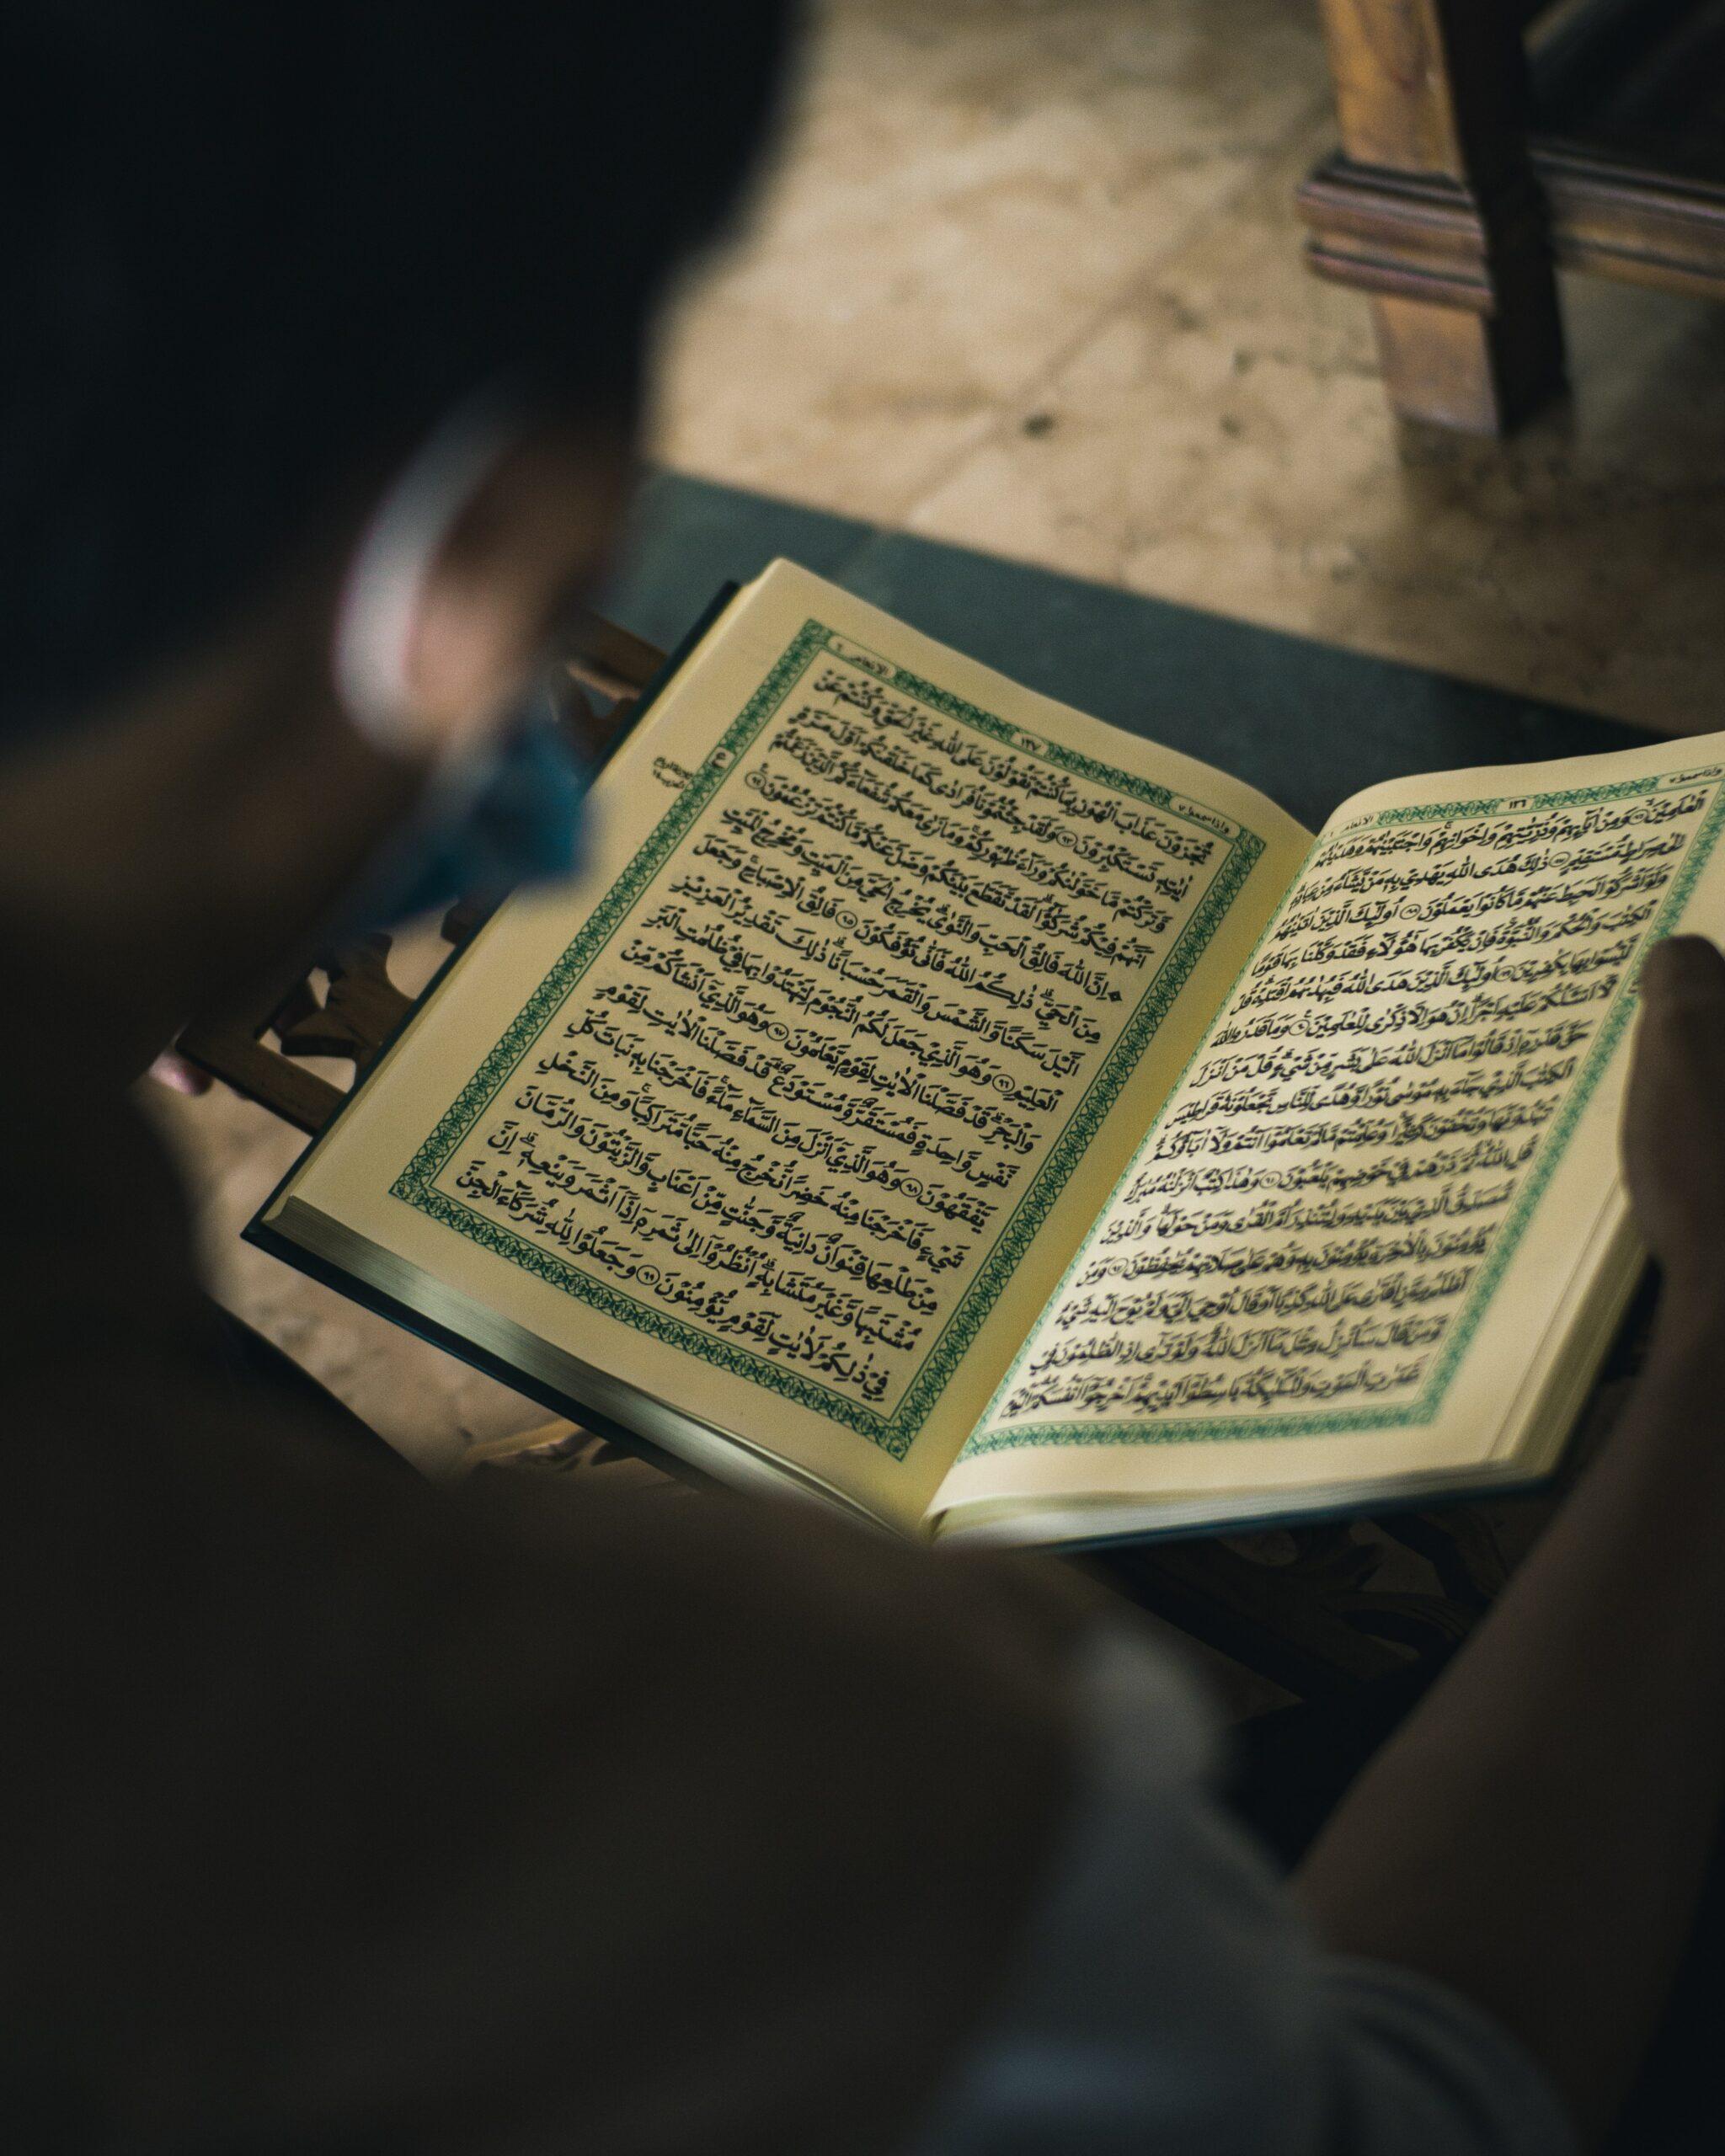 Beskrivningar av Gud i Koranen